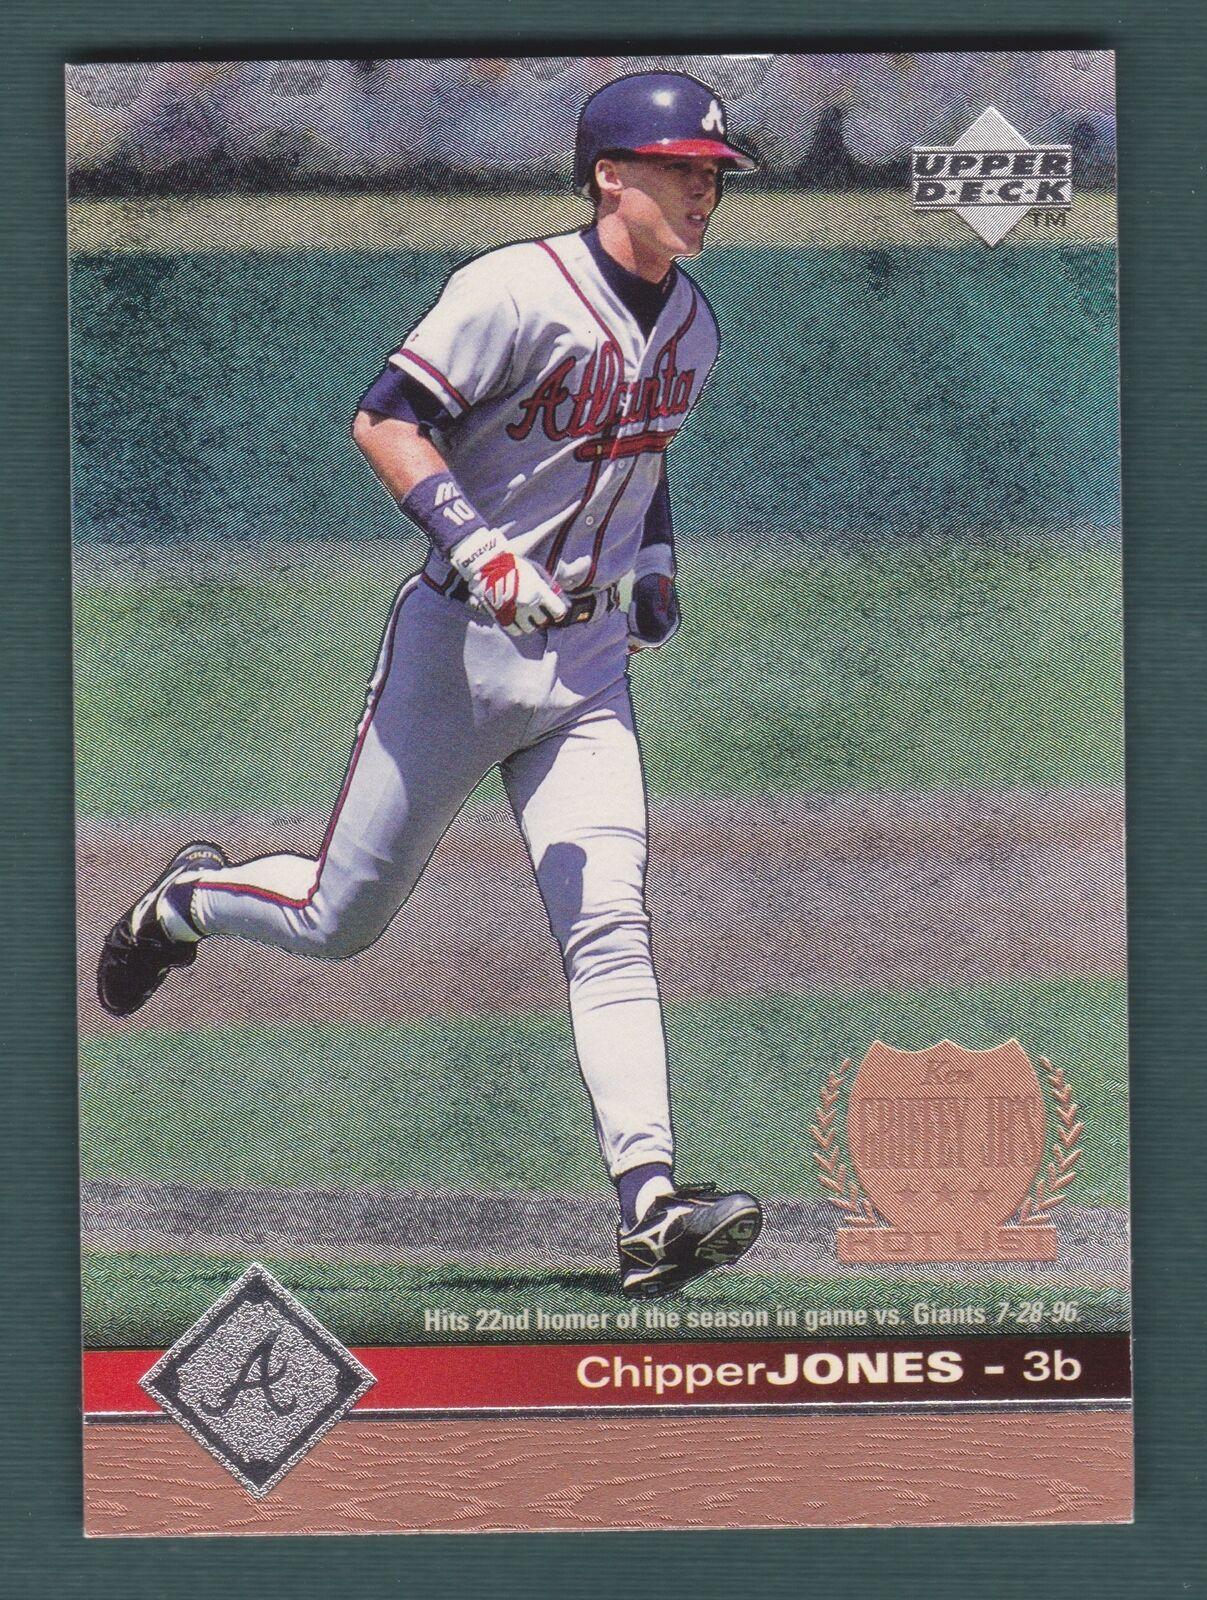 1998 Upper Deck Griffey Jrs Hot List Chipper Jones Baseball